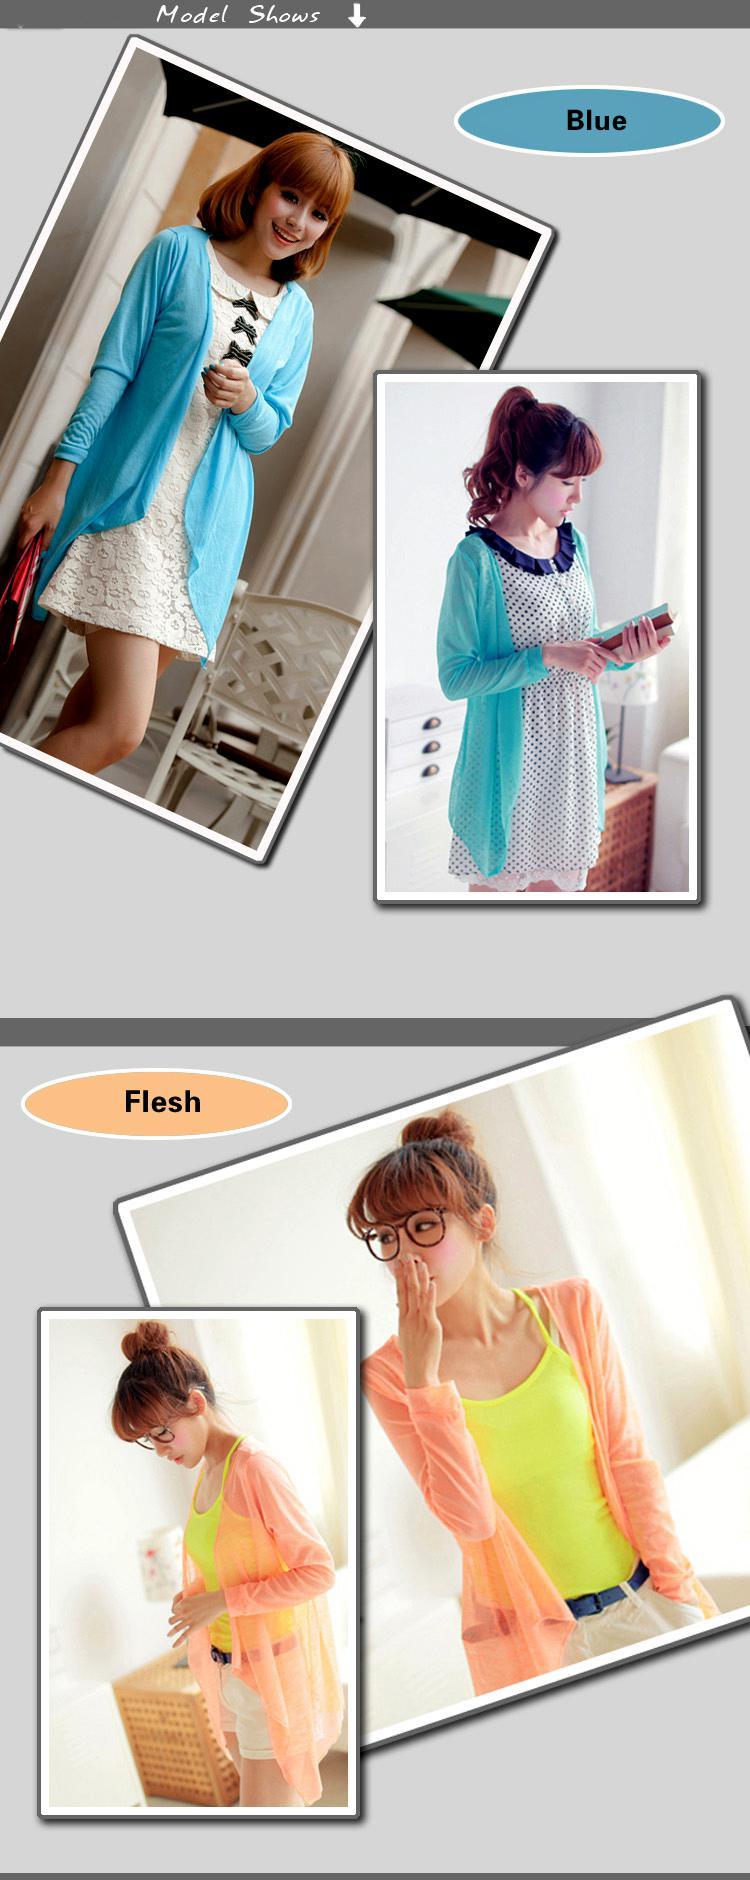 Summer Sunscreen Blouses Sequins Transparent Protection du soleil Coton Vêtements Couleur Couleur Empêchez-vous dans des vêtements